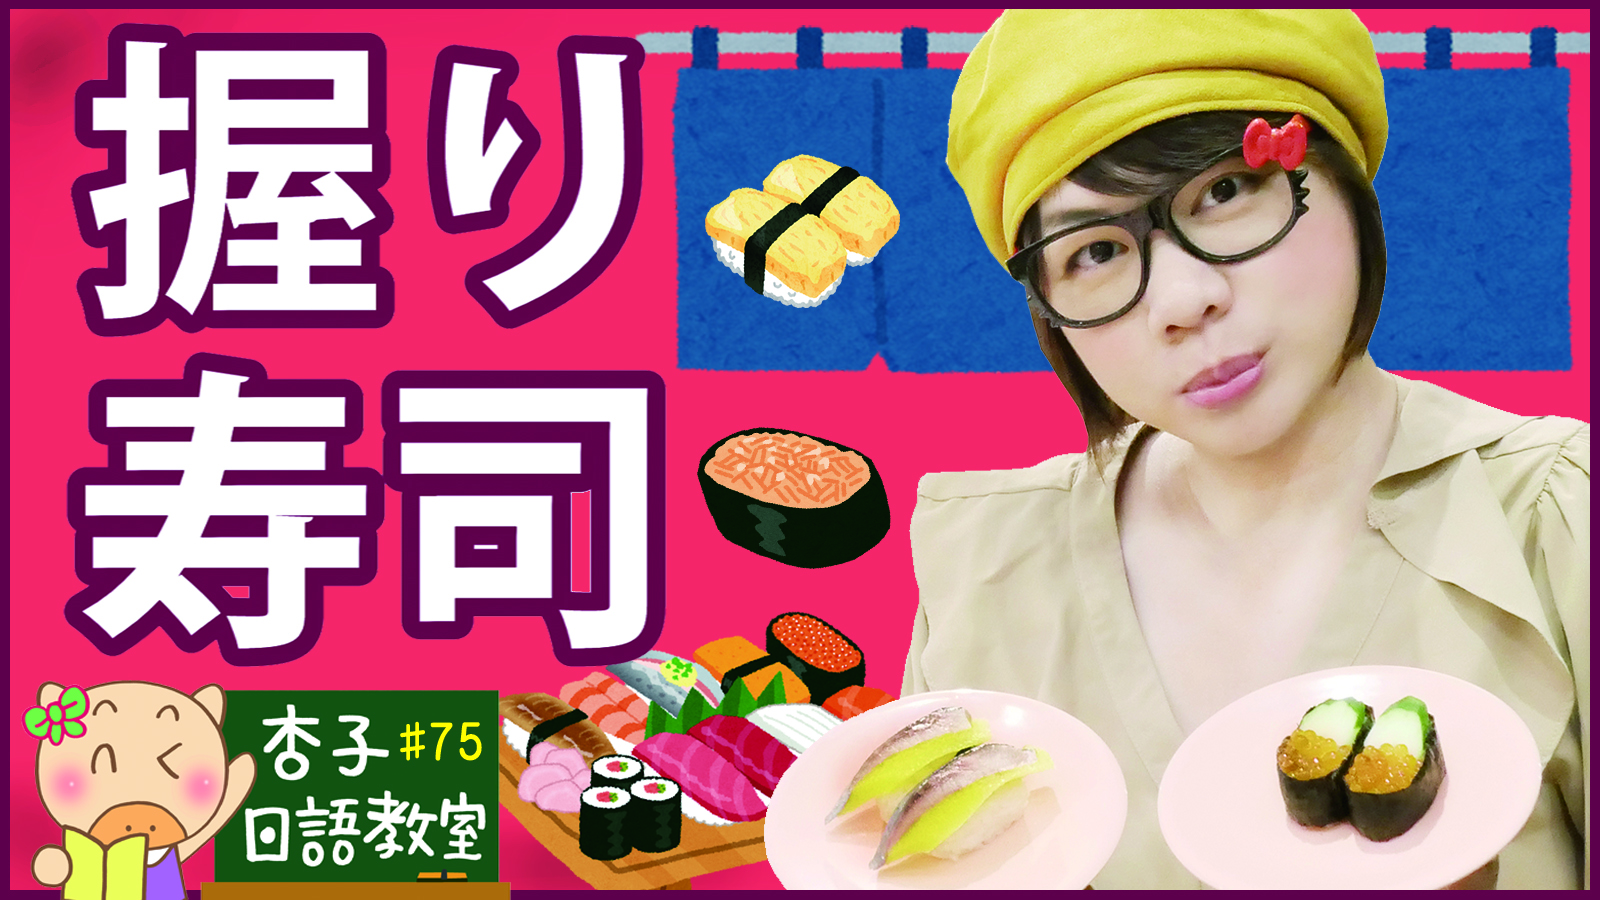 握壽司菜單的日文唸法|握り寿司 |<杏子日語教室>75